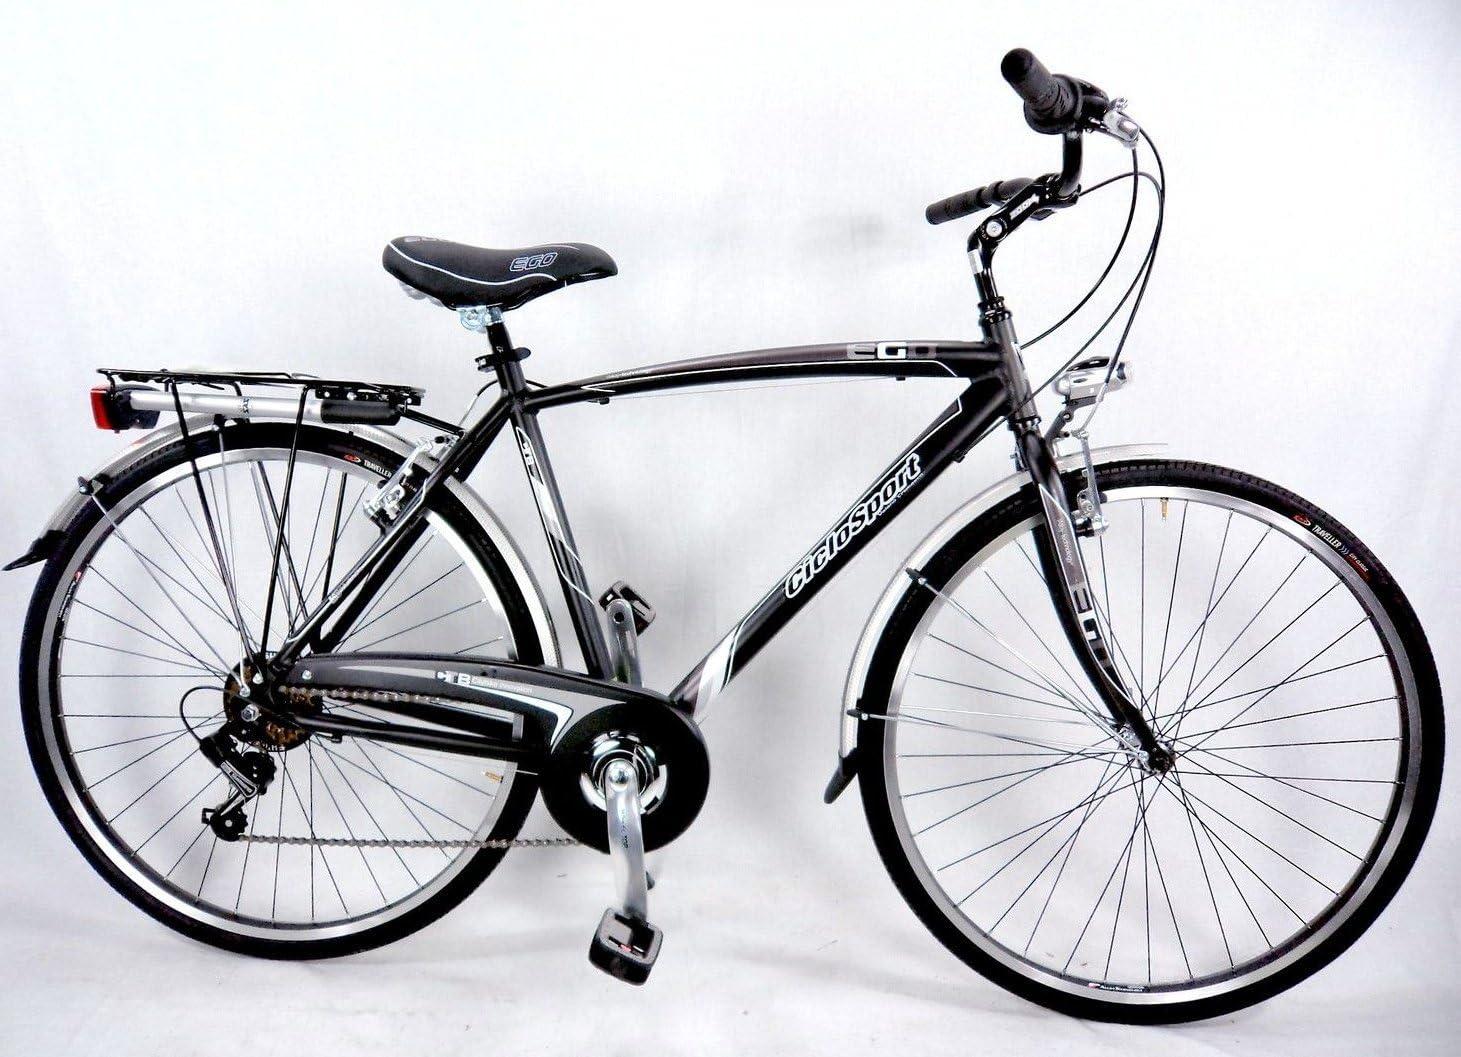 Ciclosport Bicicleta Aluminio Ego 28 City-Bike Hombre Negro ...